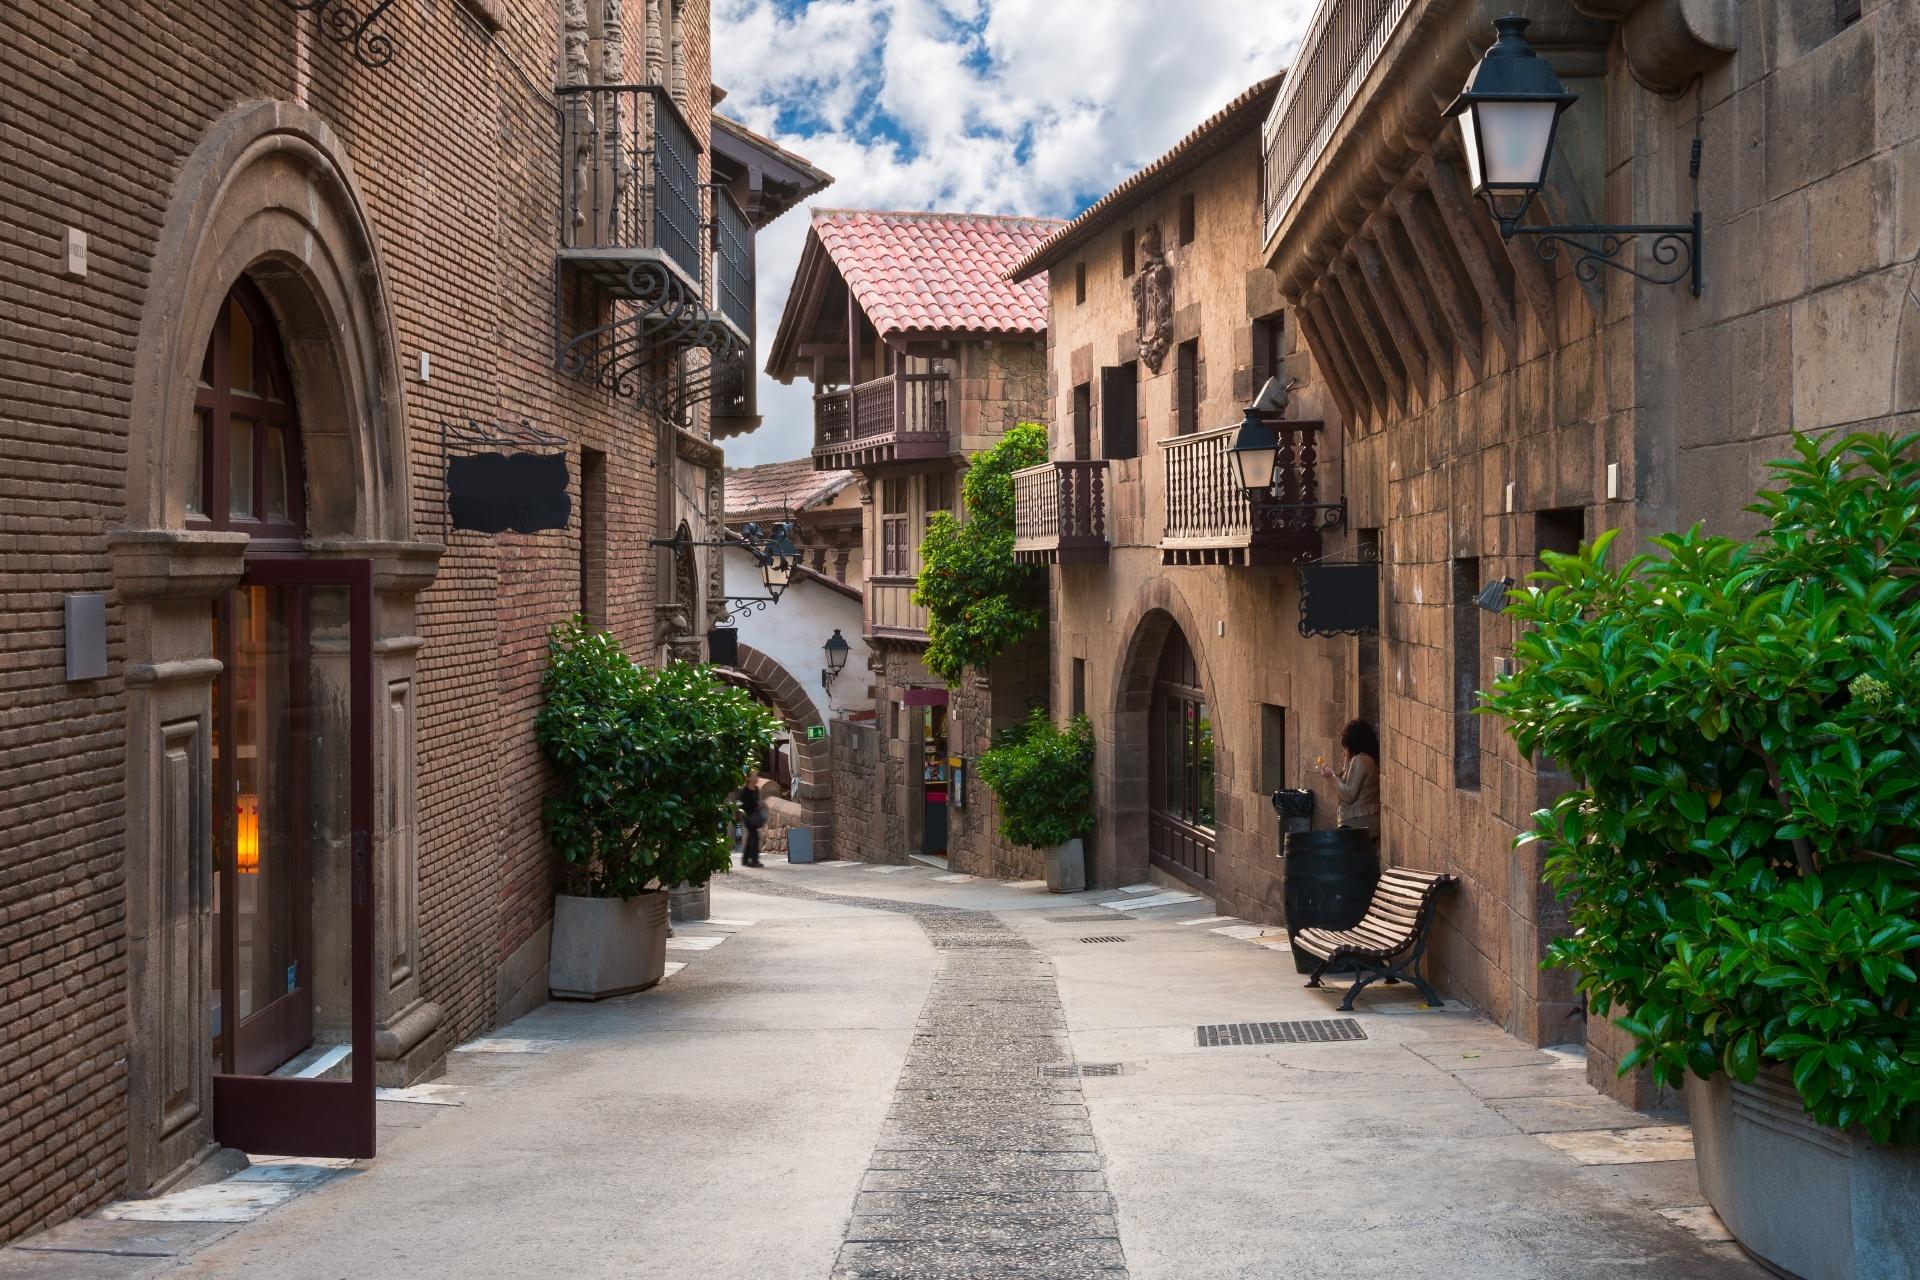 伝統的な建物の並ぶ風景 バルセロナ スペインの風景